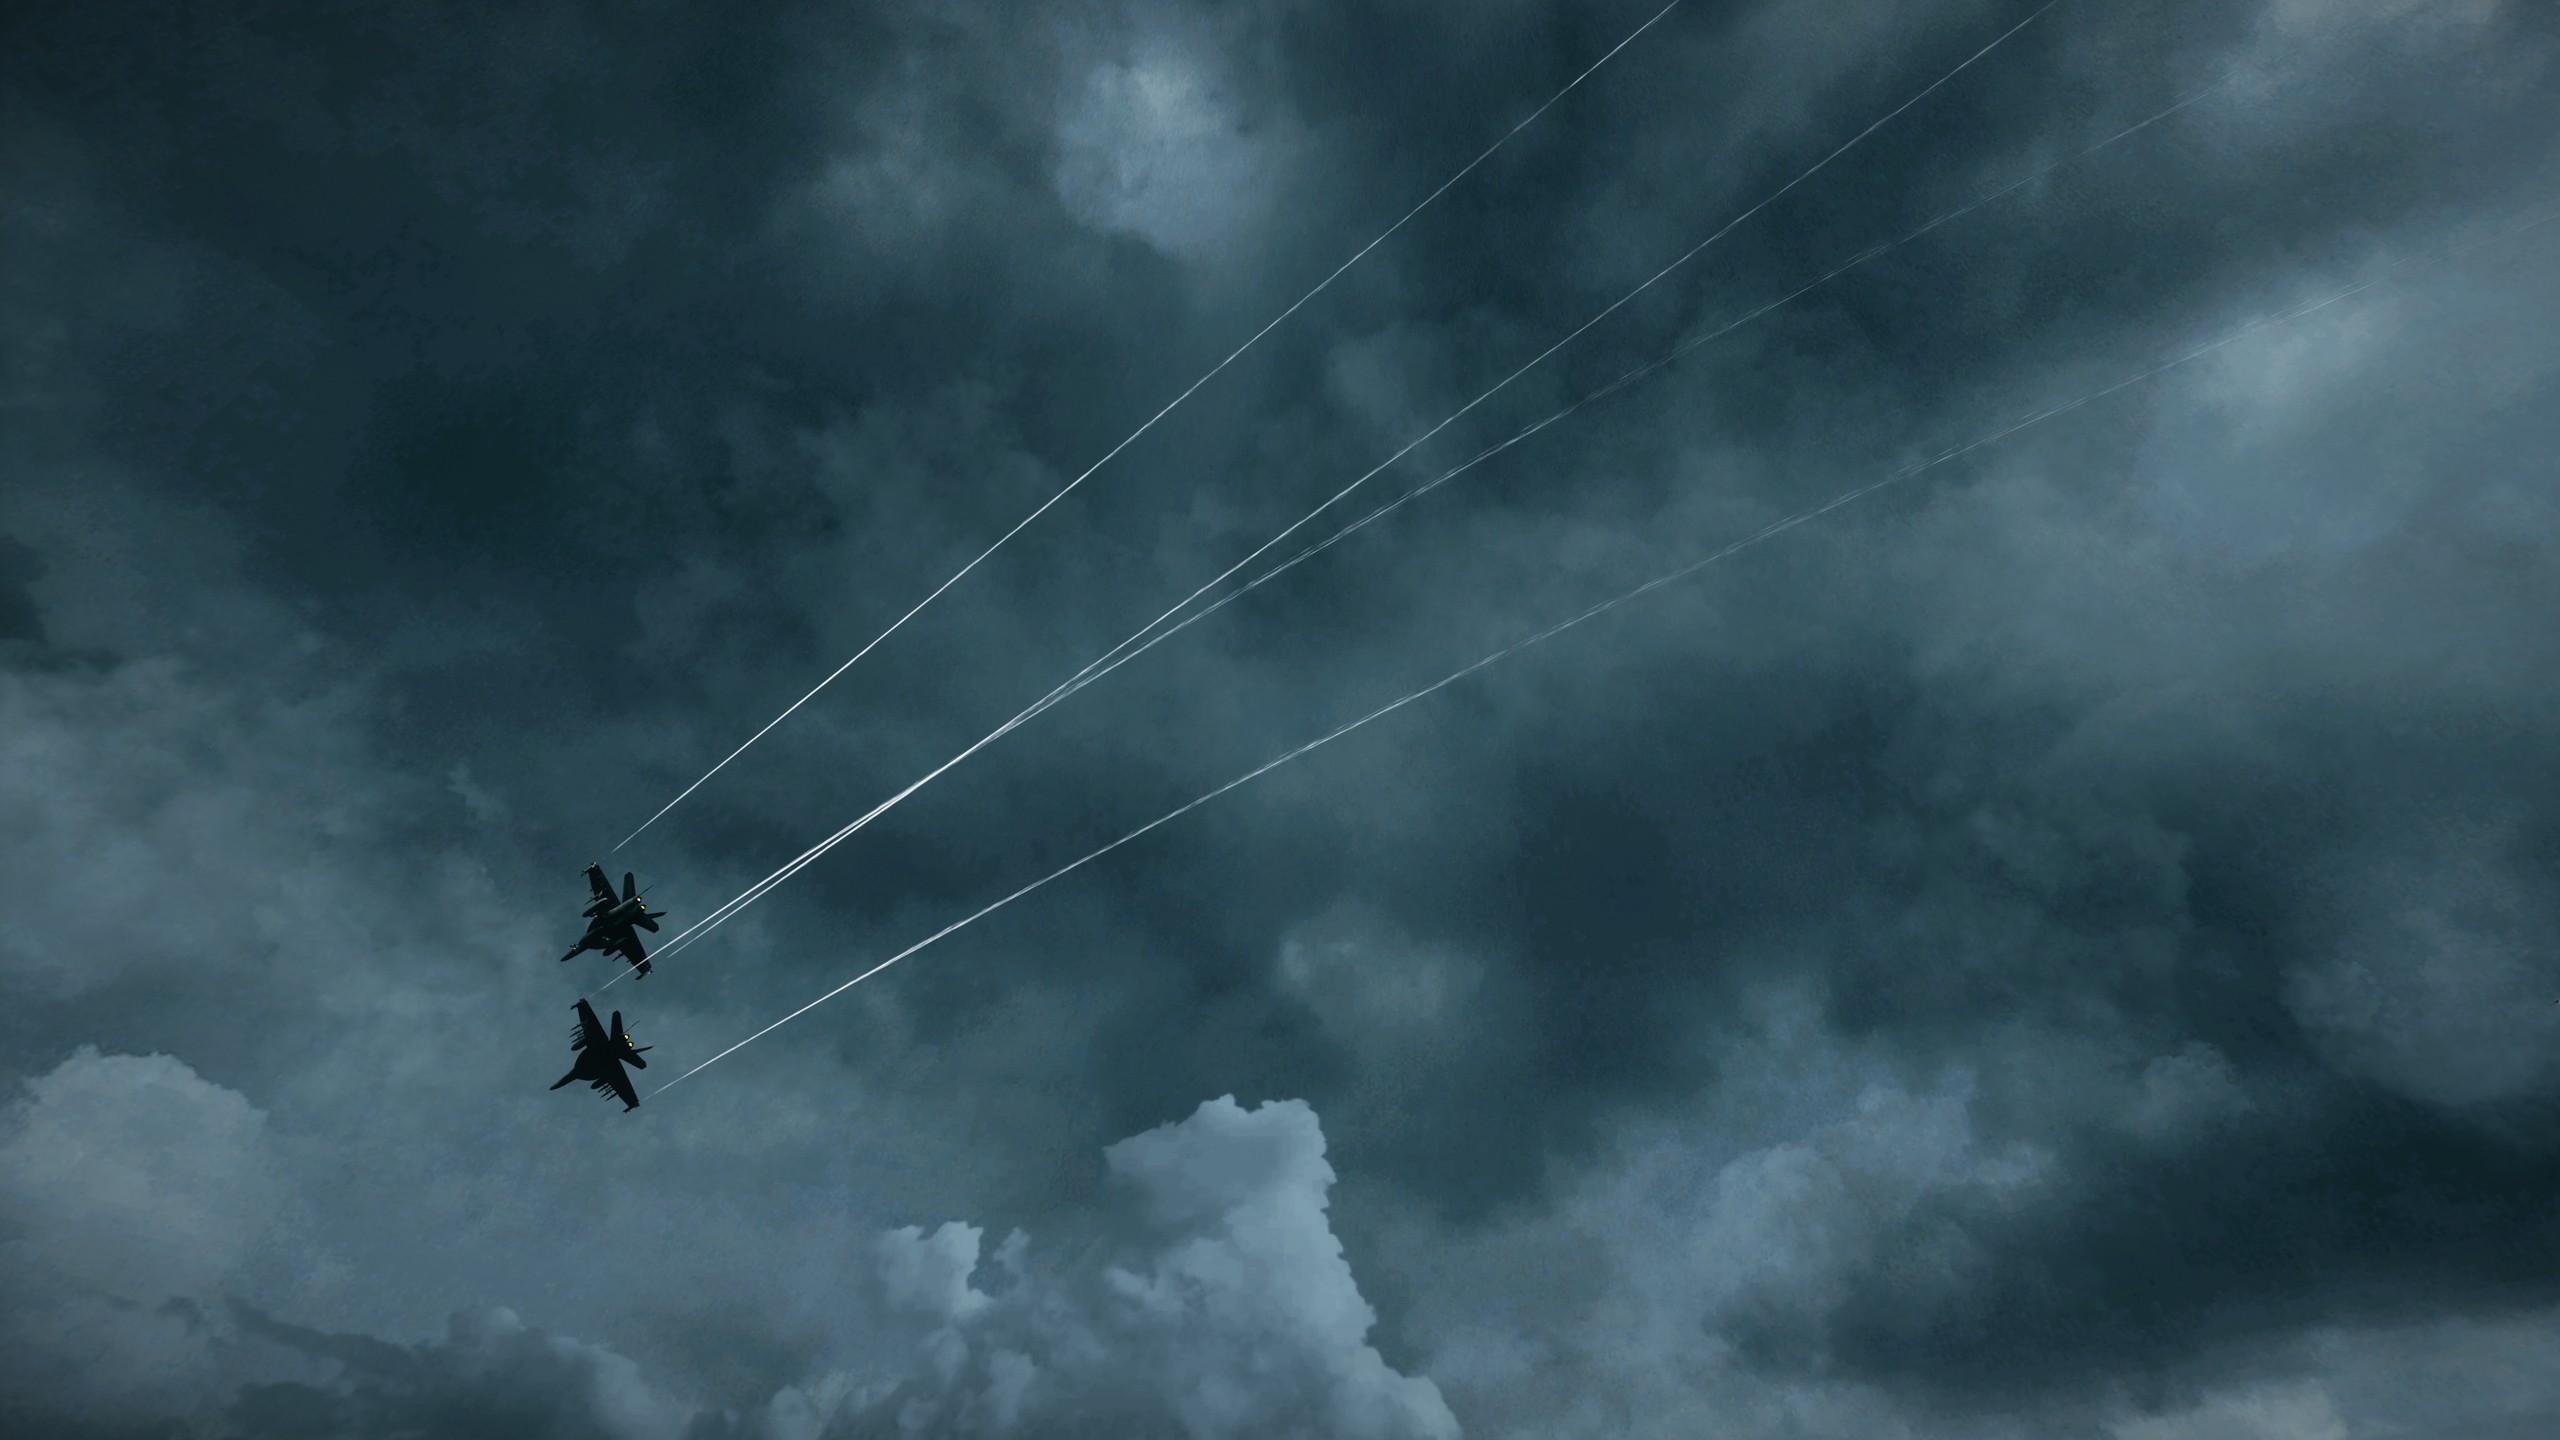 Video Games Jet Aircraft Wallpaper  2560x1440 209381 WallpaperUP